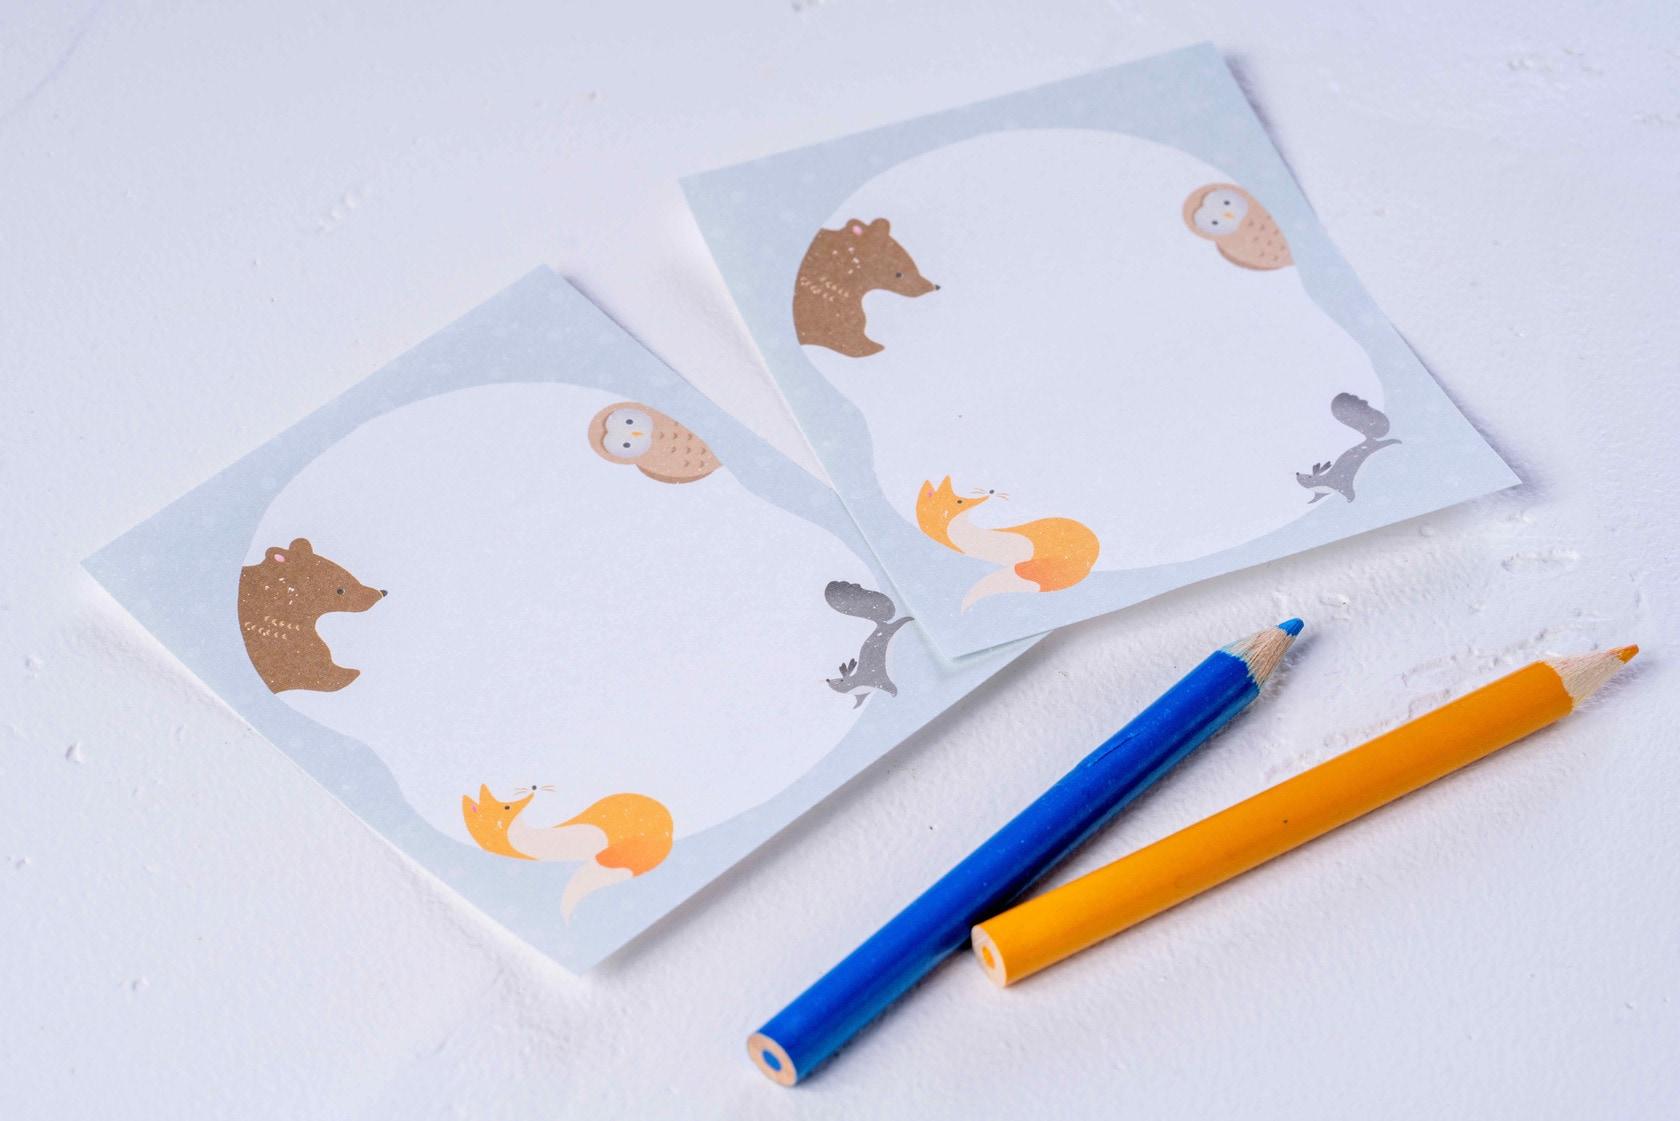 北海道の動物がデザインされたメモ用紙と色鉛筆,モリタのメモパッド